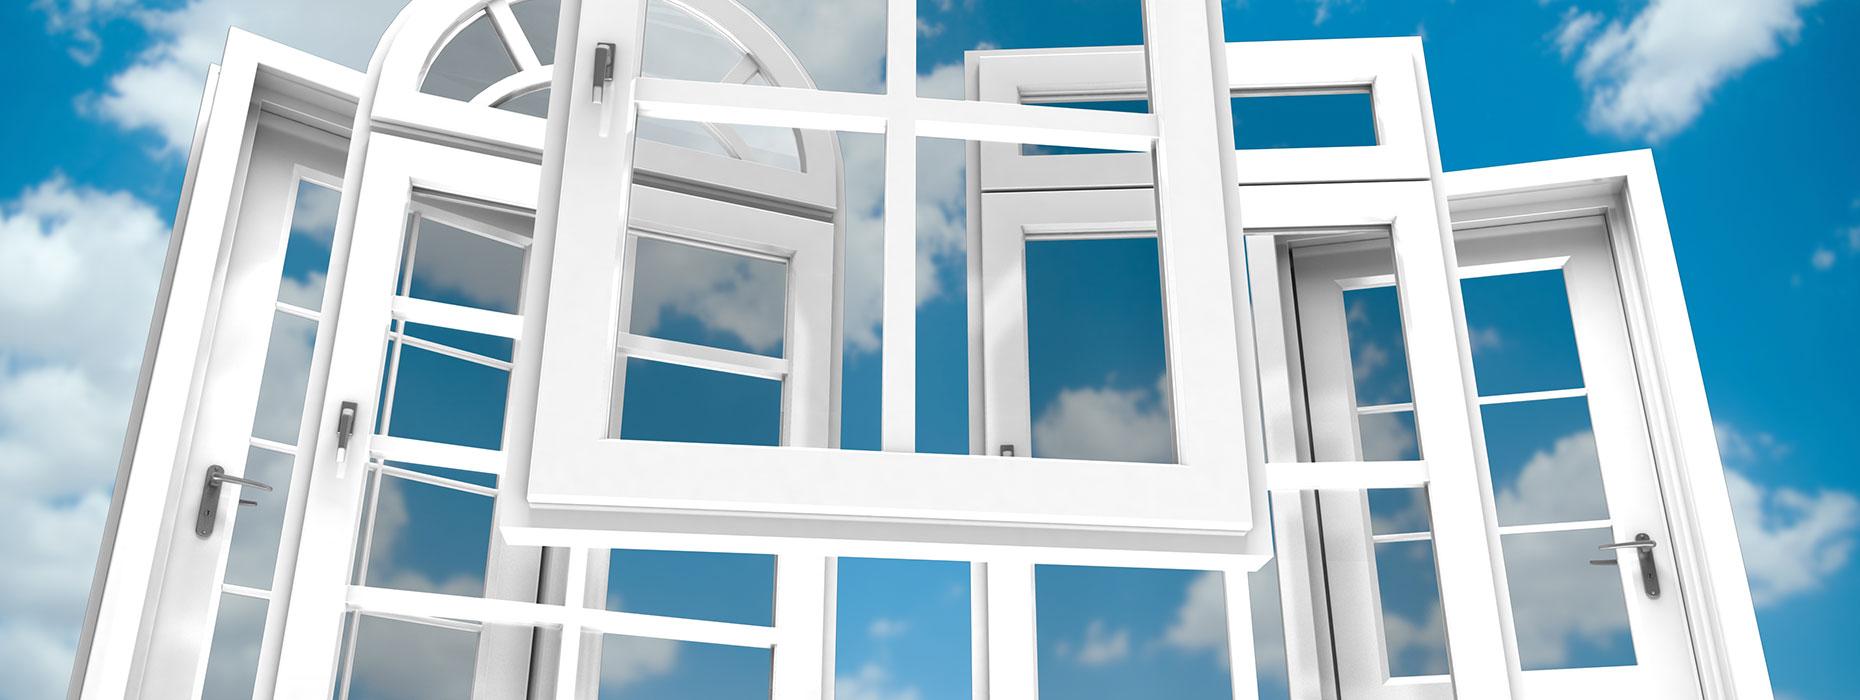 Vetri per finestre a bergamo brescia e milano covea vetri - Vetri decorati per finestre ...